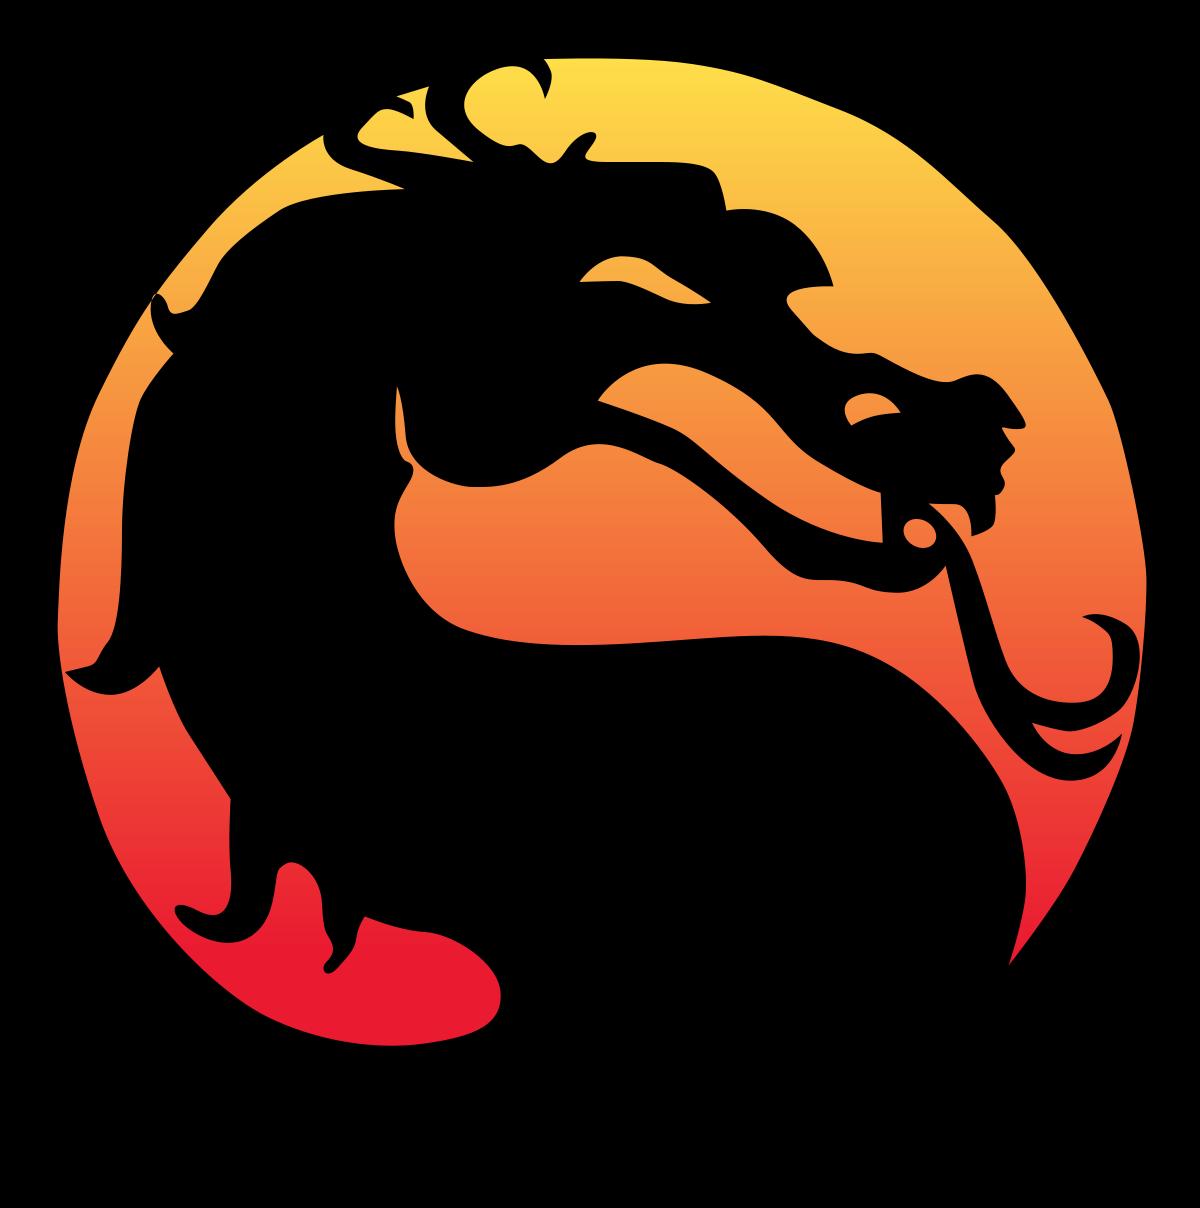 Mortal Kombat clipart #20, Download drawings